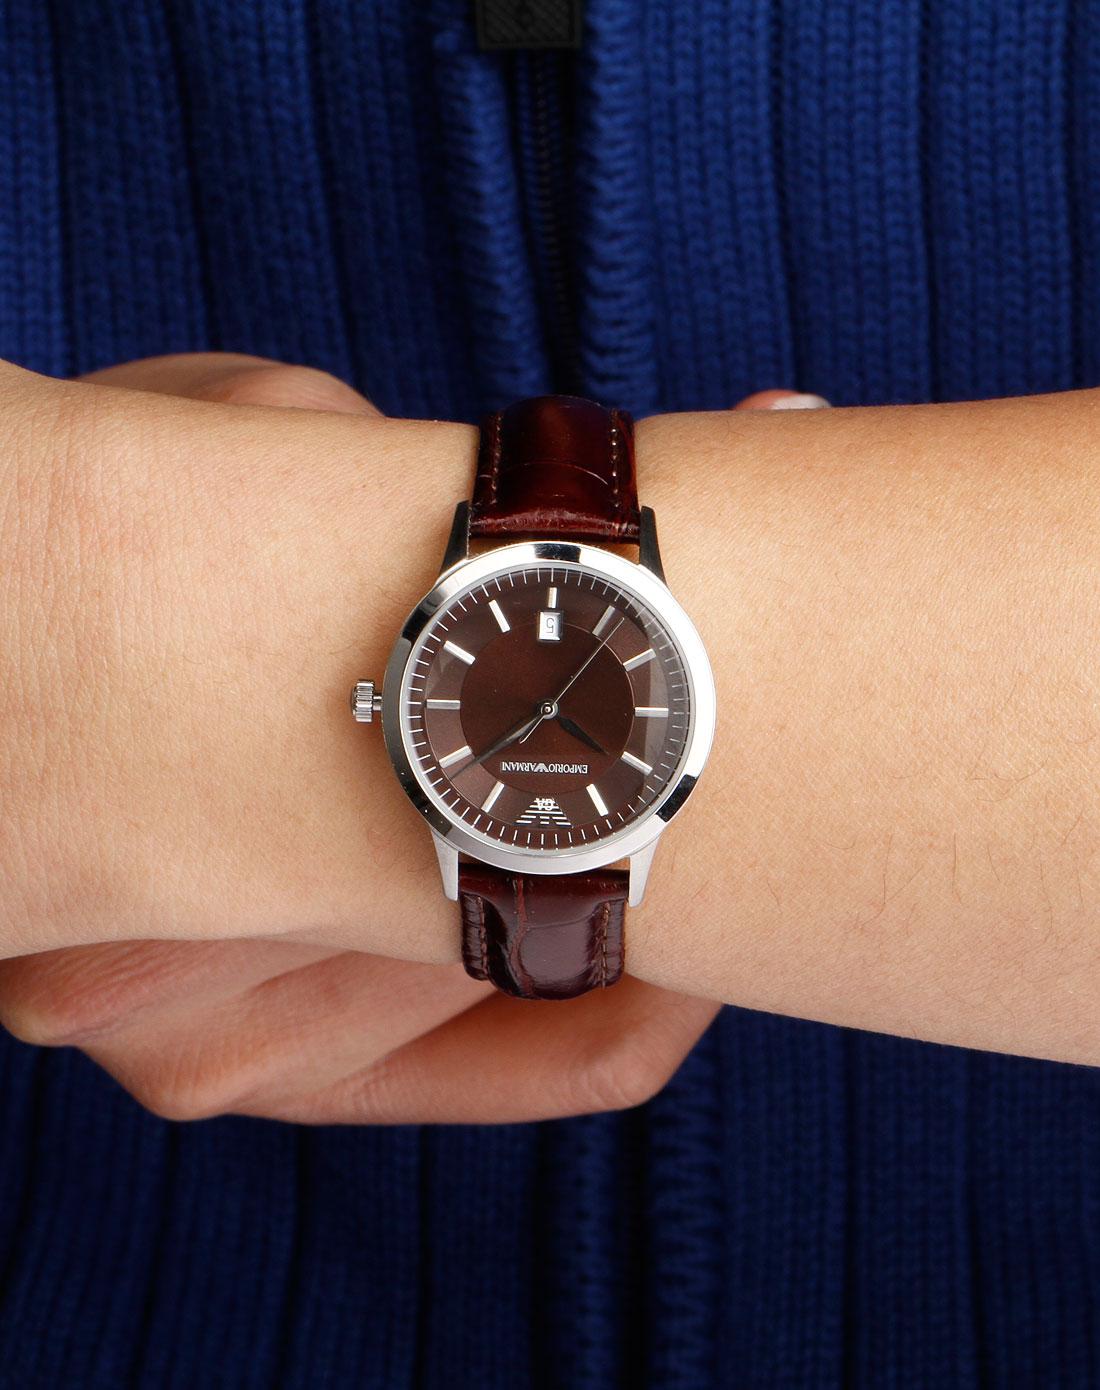 Đồng hồ chính hãng Armani AR2414 đẹp từ mọi góc nhìn